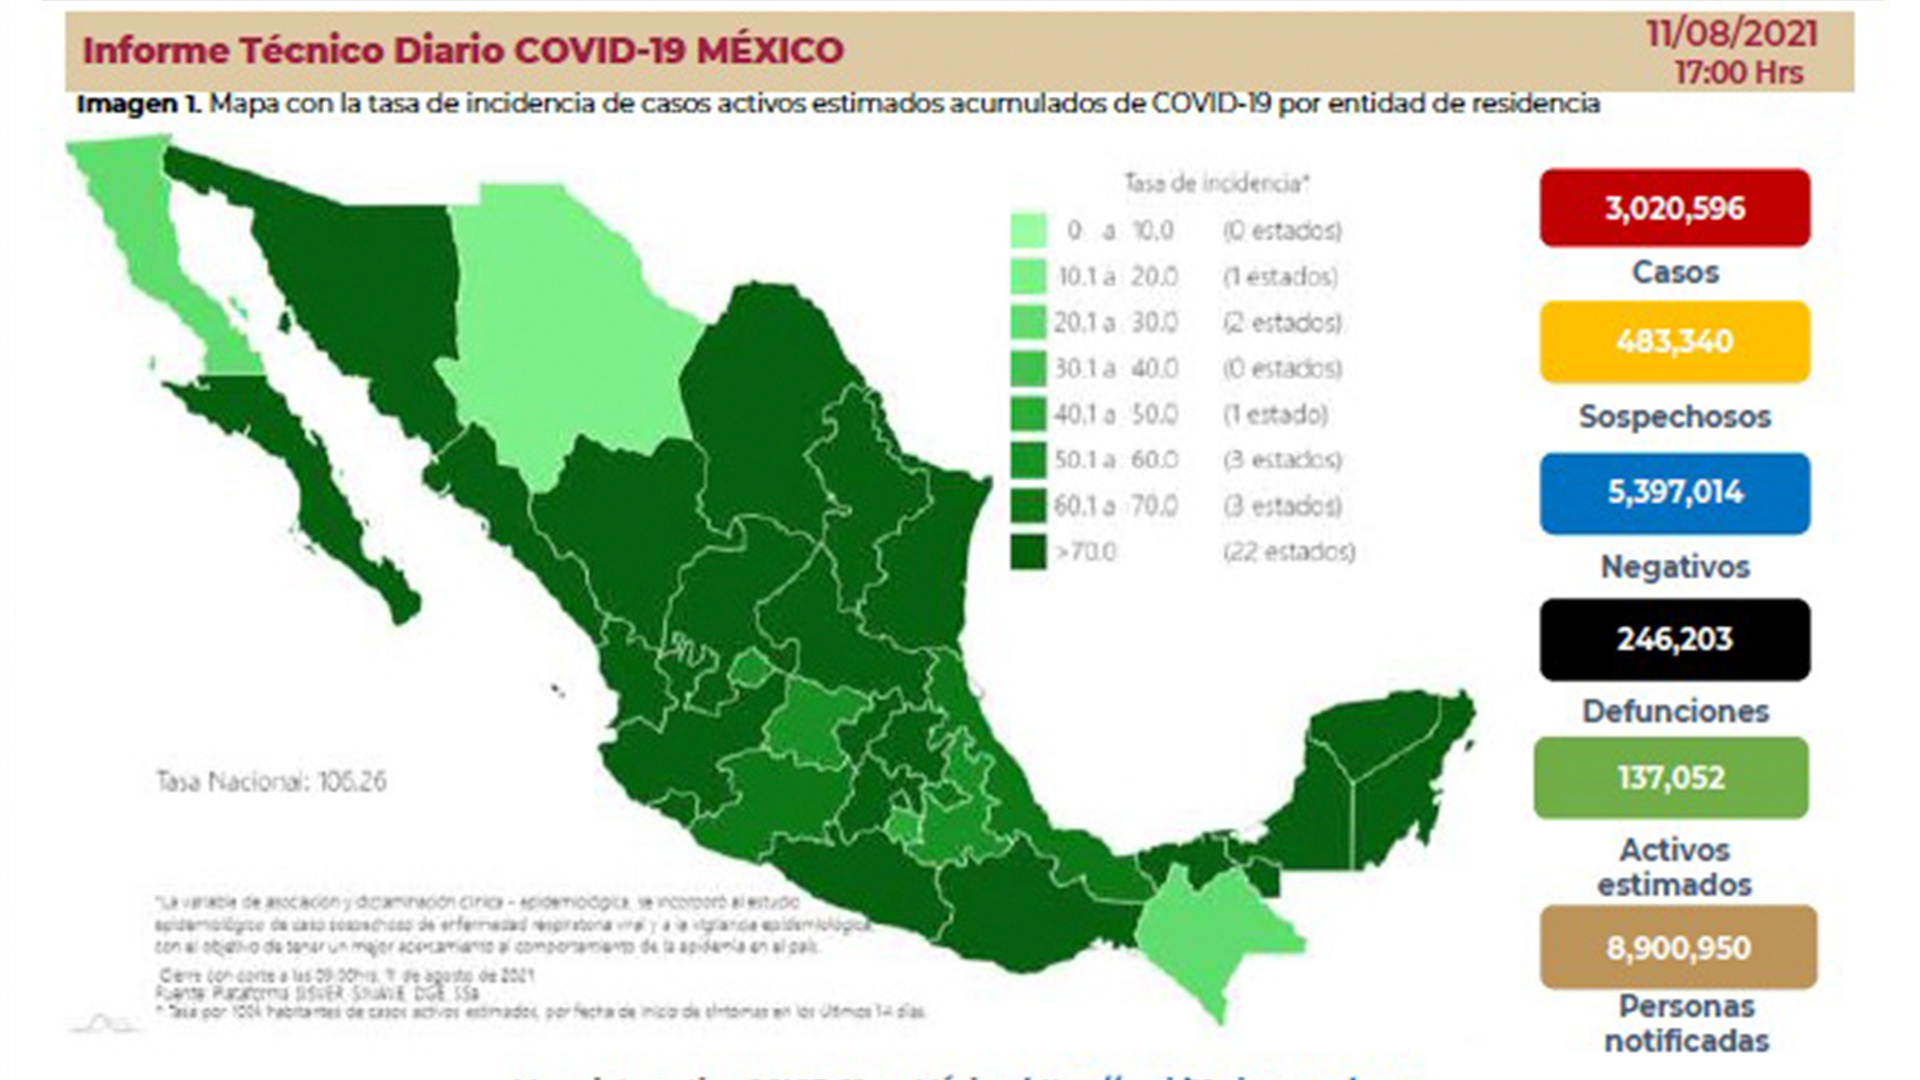 Estamos en el peor punto de la pandemia Mexico registra por primera vez mas de 24 mil casos de COVID en un dia